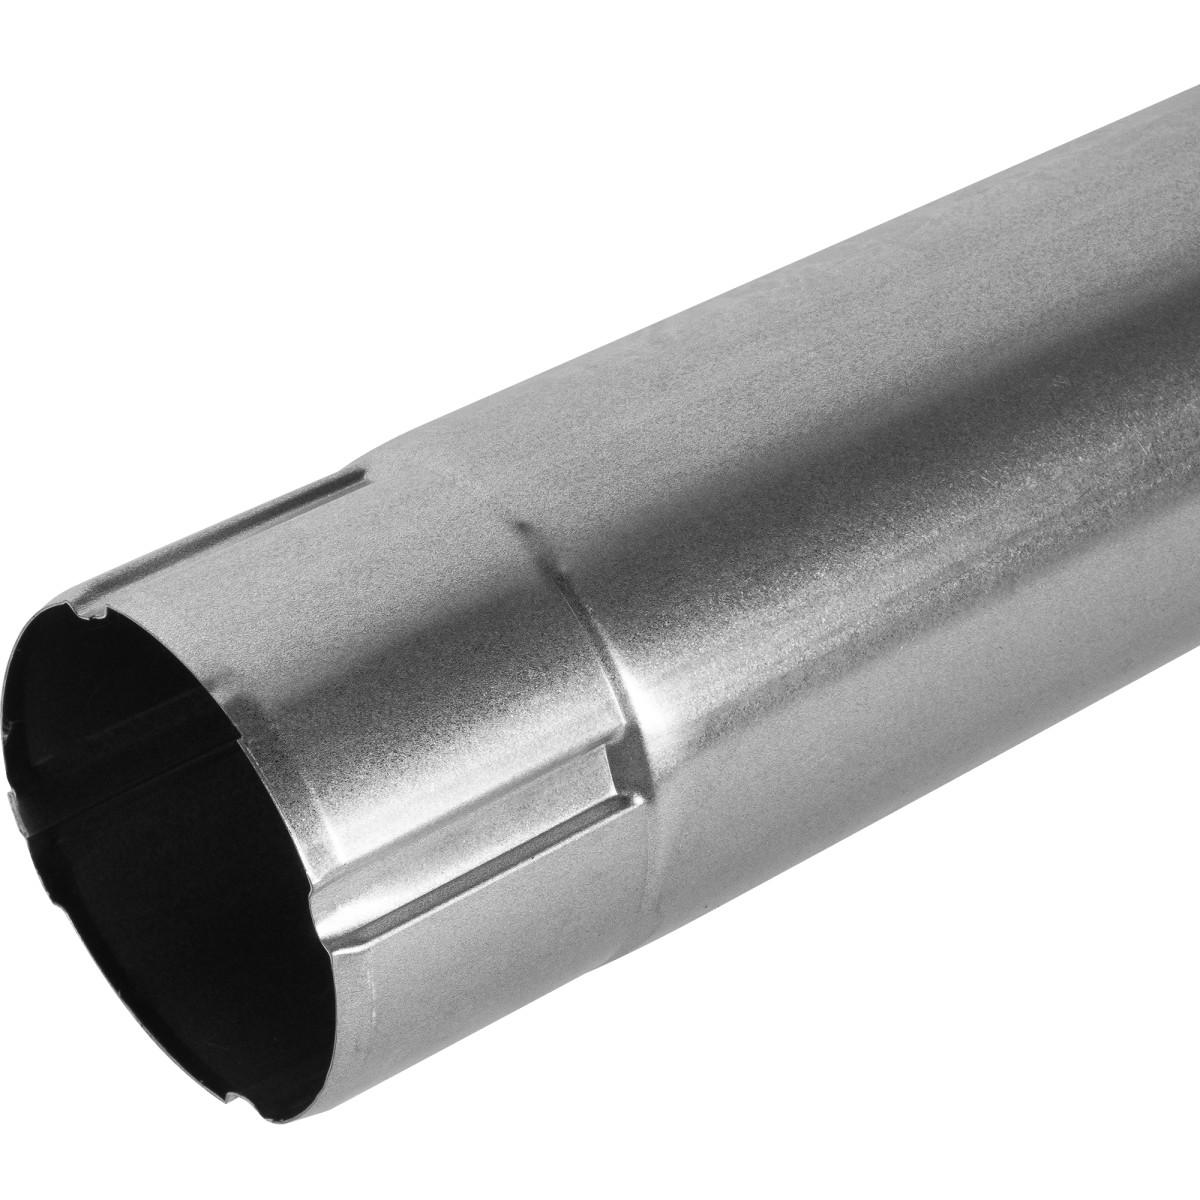 Труба соединительная D90 1000 мм оцинкованная